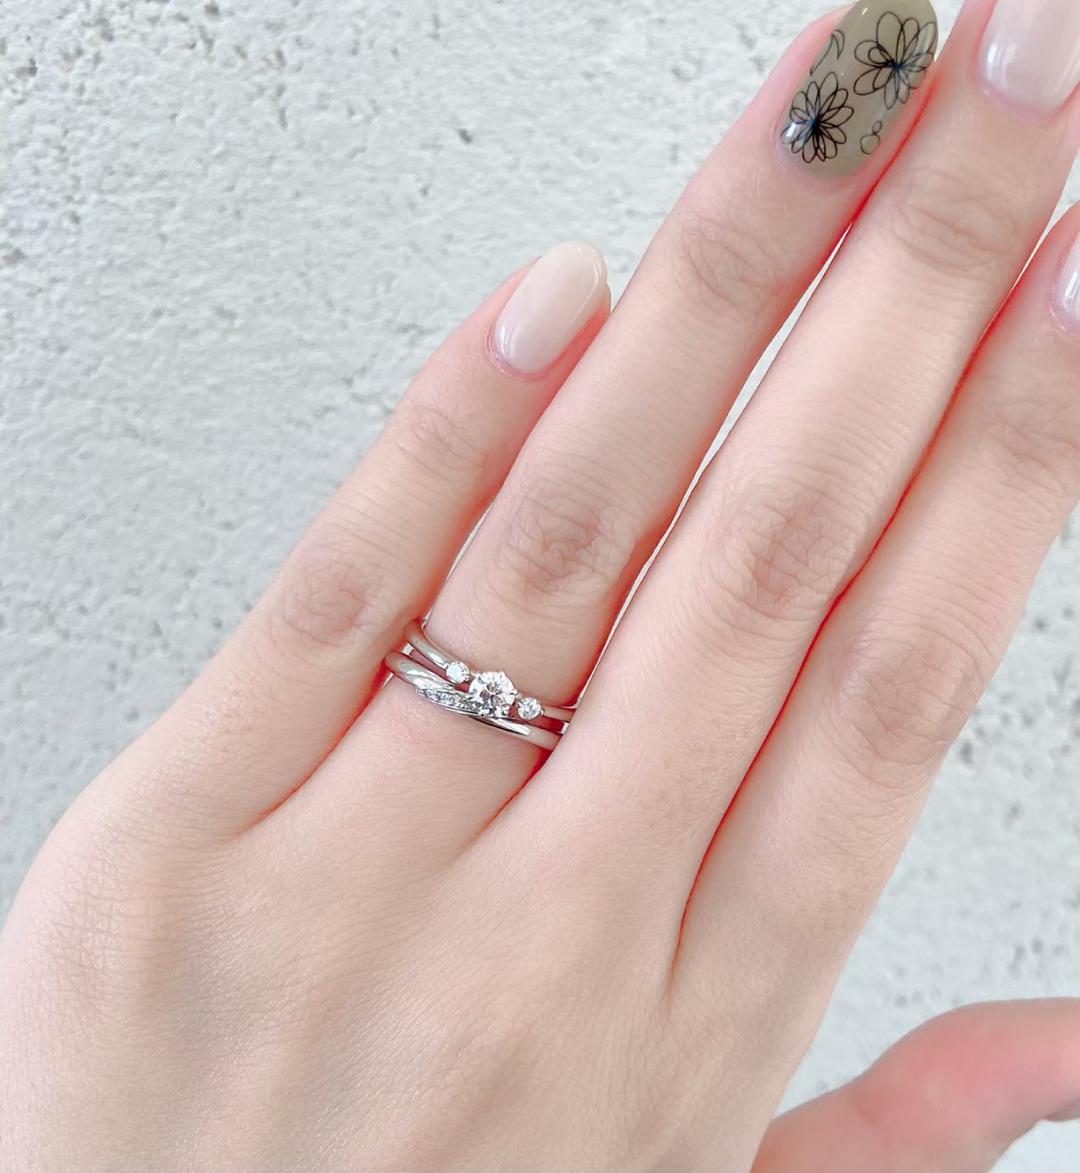 銀座で人気のシンプルで可愛い結婚指輪、婚約指輪